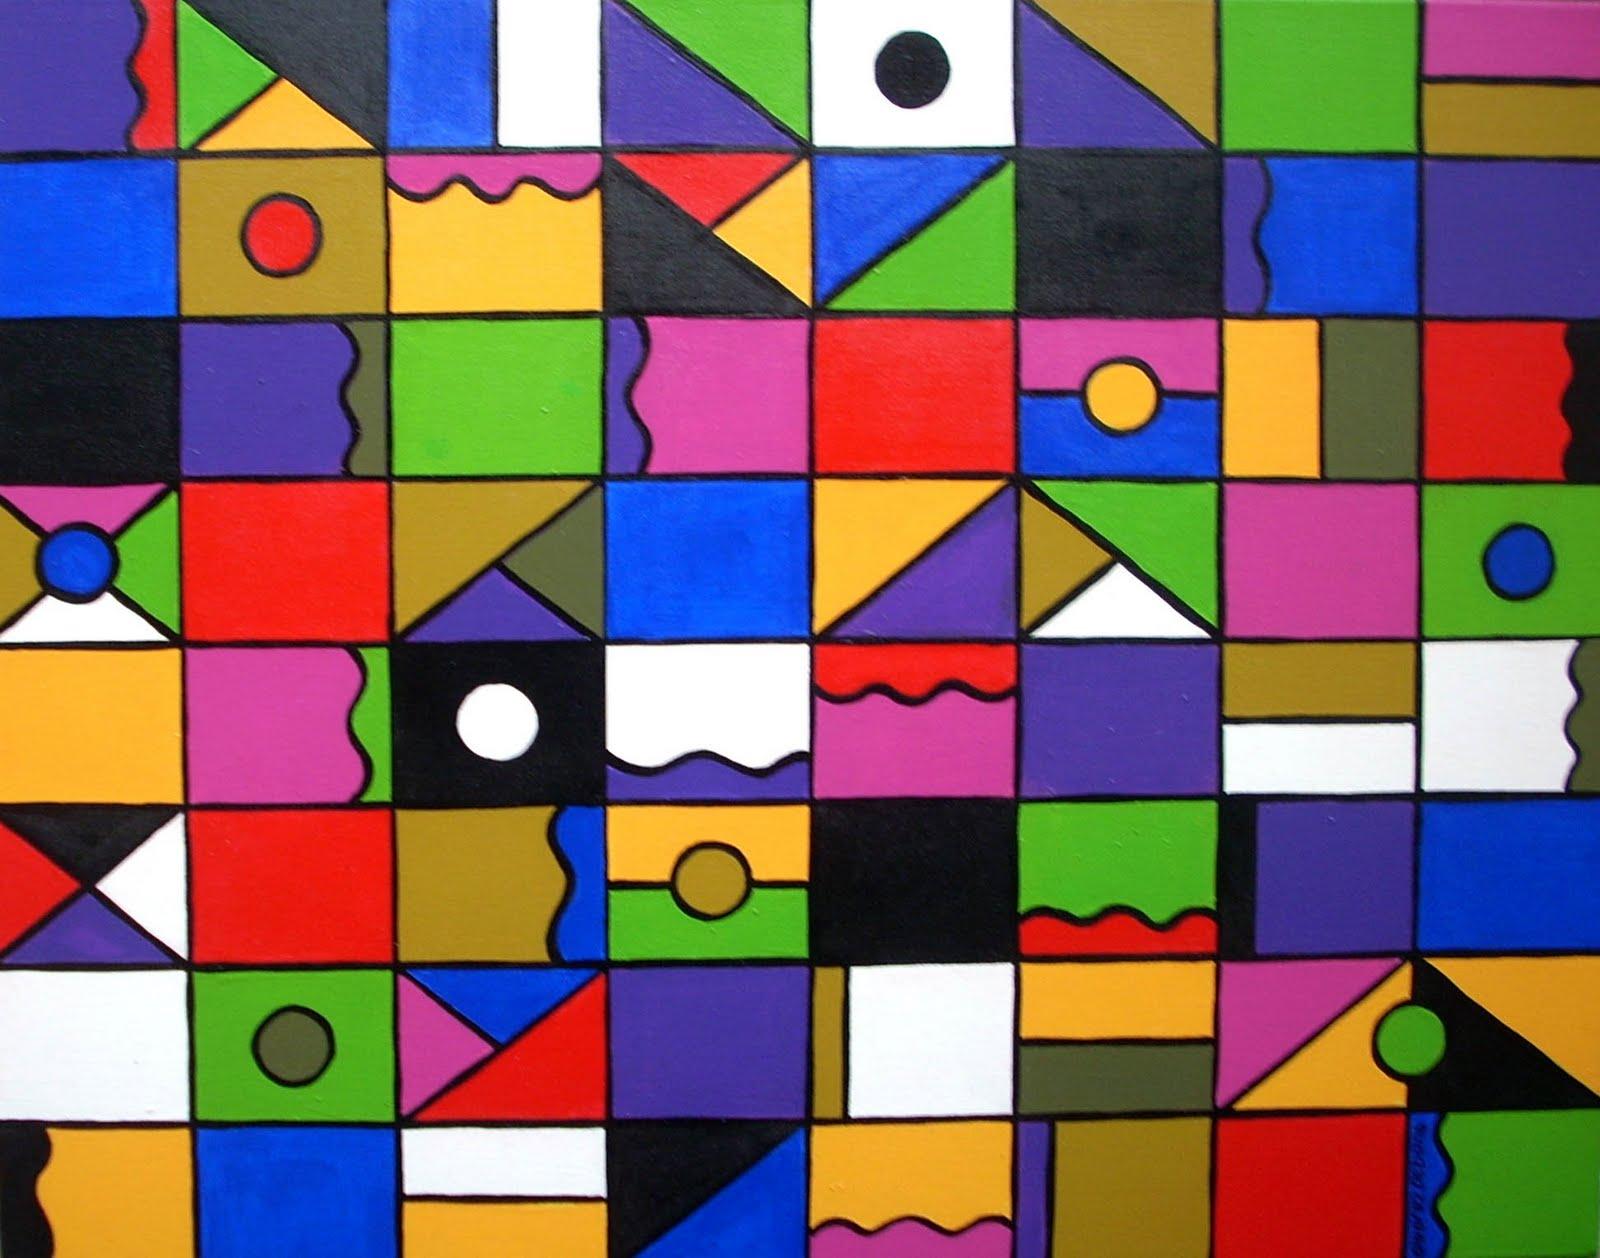 Cosicas y m s geom tria en el arte for Cuadros con formas geometricas